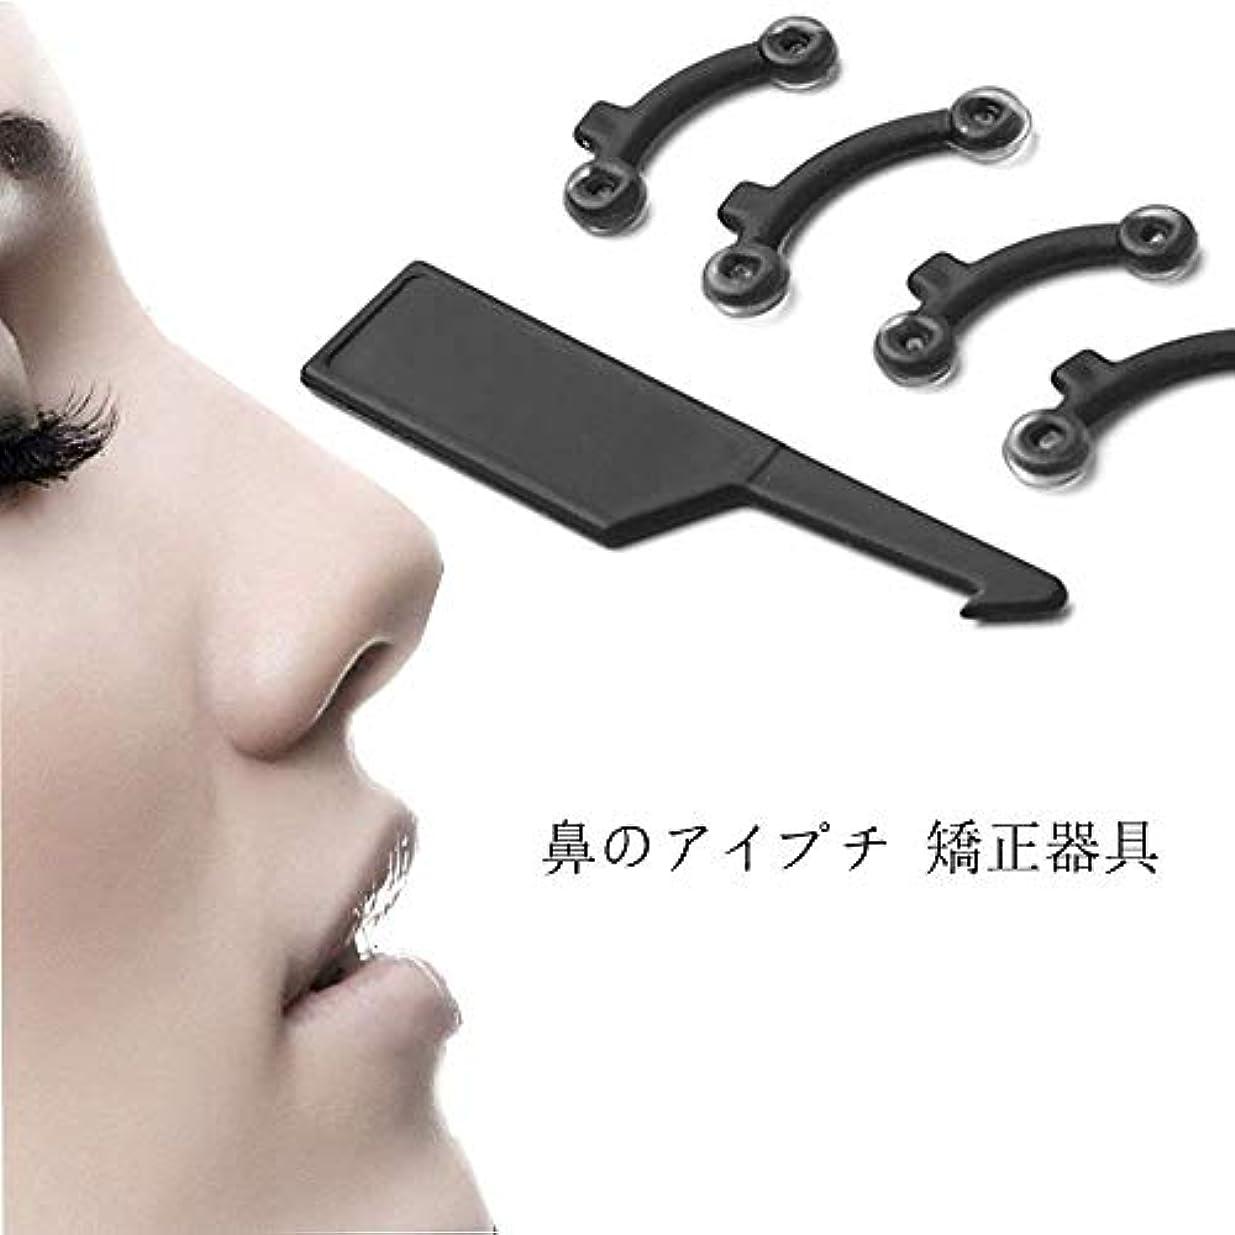 原因連合プライムTyou 鼻プチ 鼻パッド 柔軟性高く 痛くない 医療用シリコン使用 鼻のアイプチ 矯正プチ 整形せず